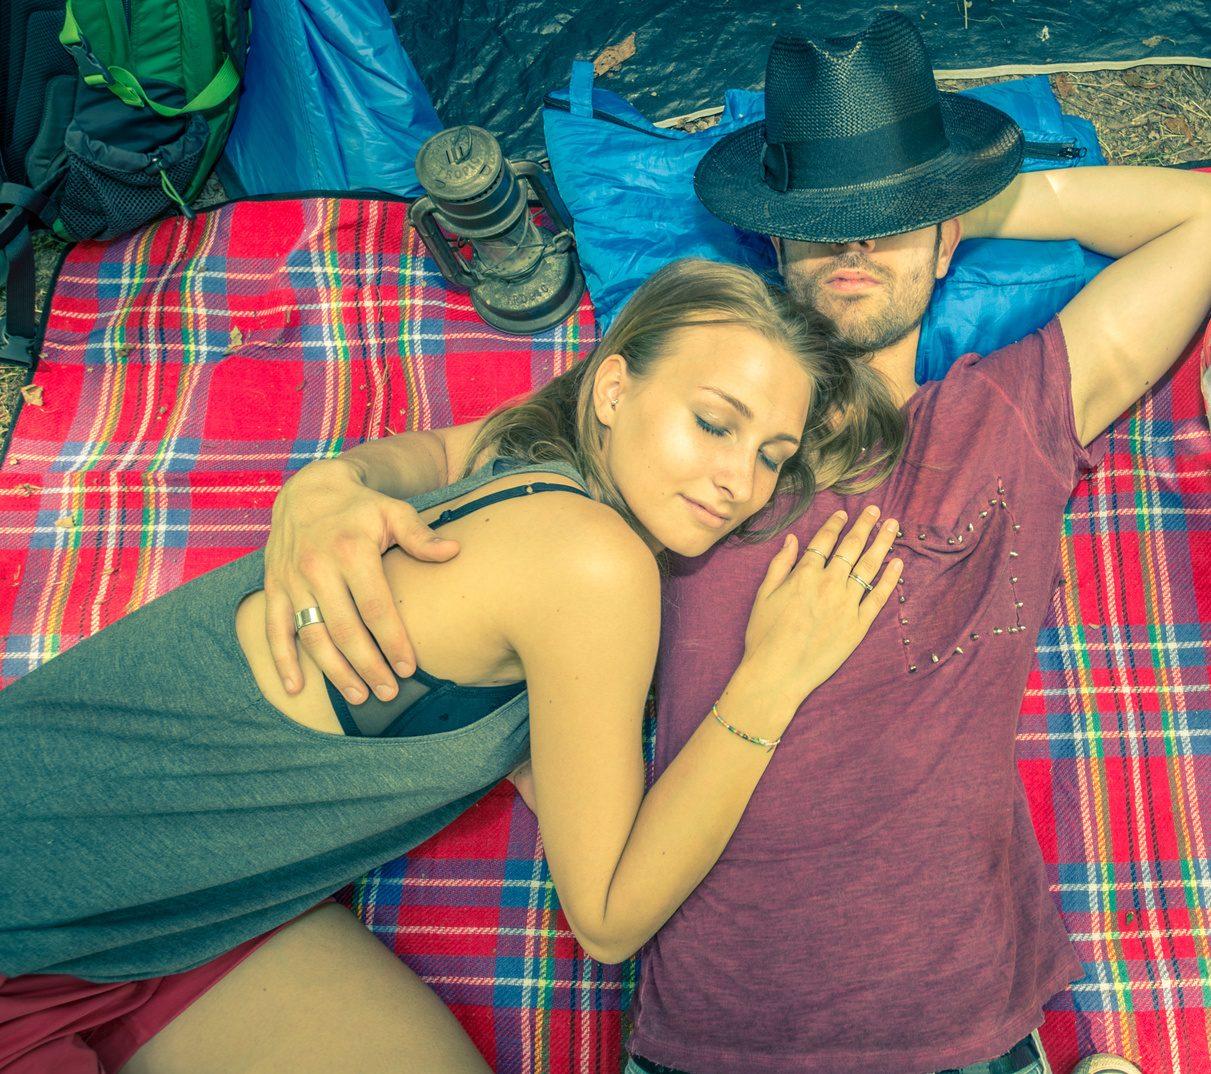 vrouwen-versieren-op-festivals-liggen